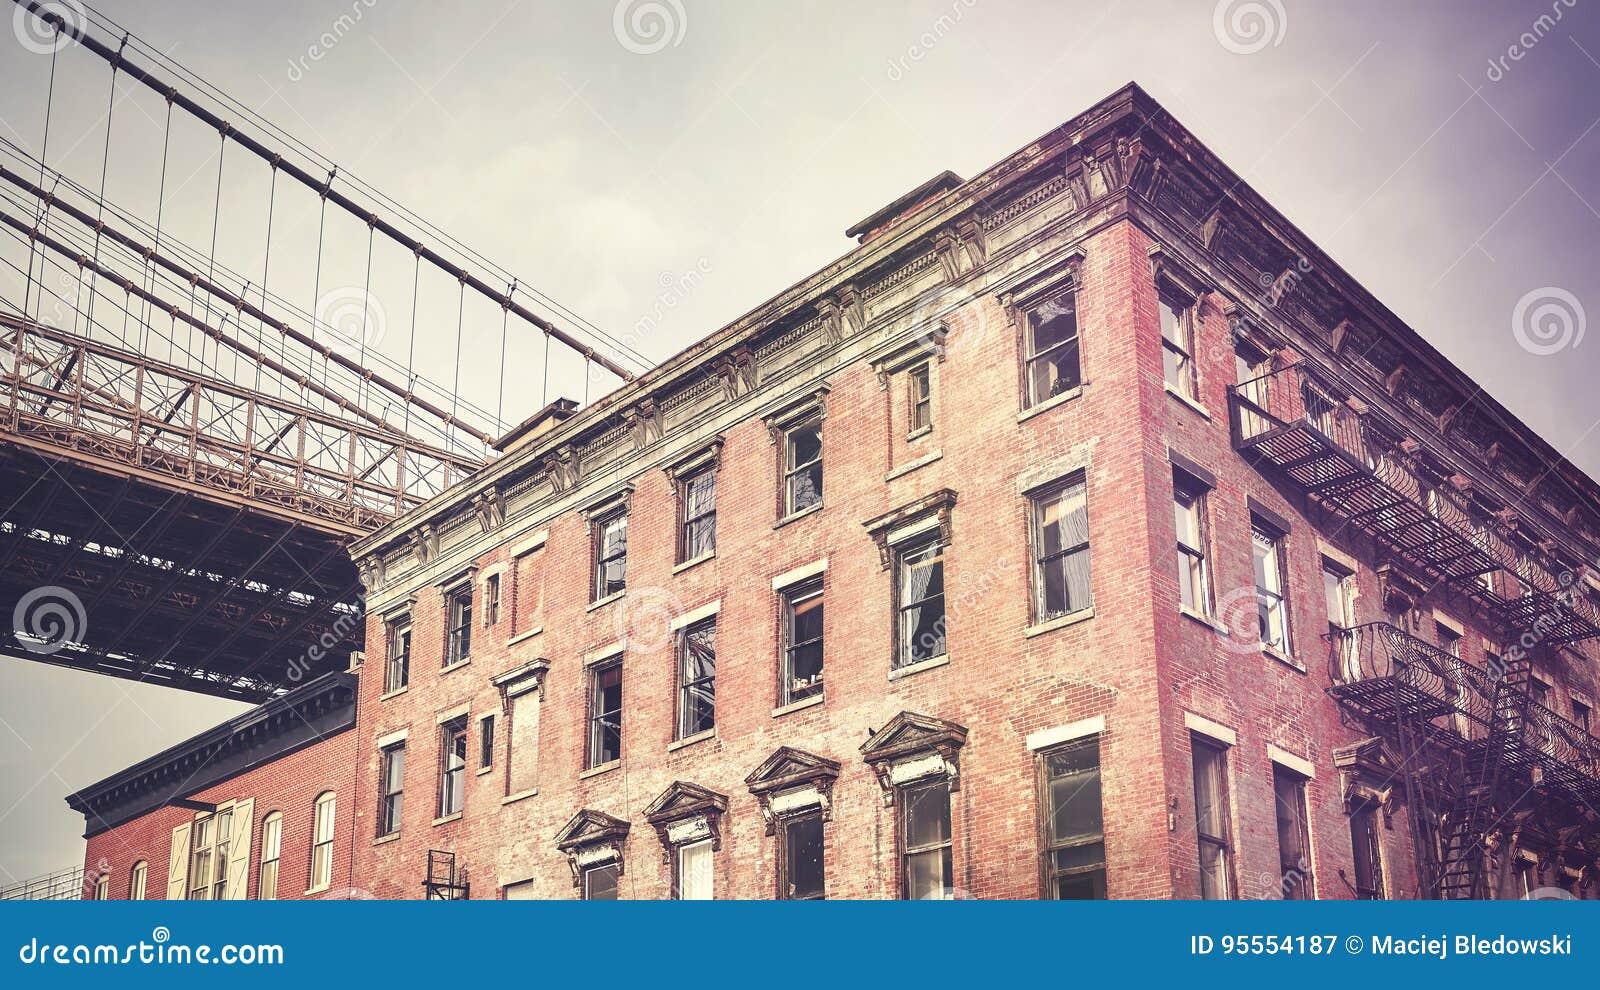 Vintage stylized old building in Dumbo neighborhood, New York.